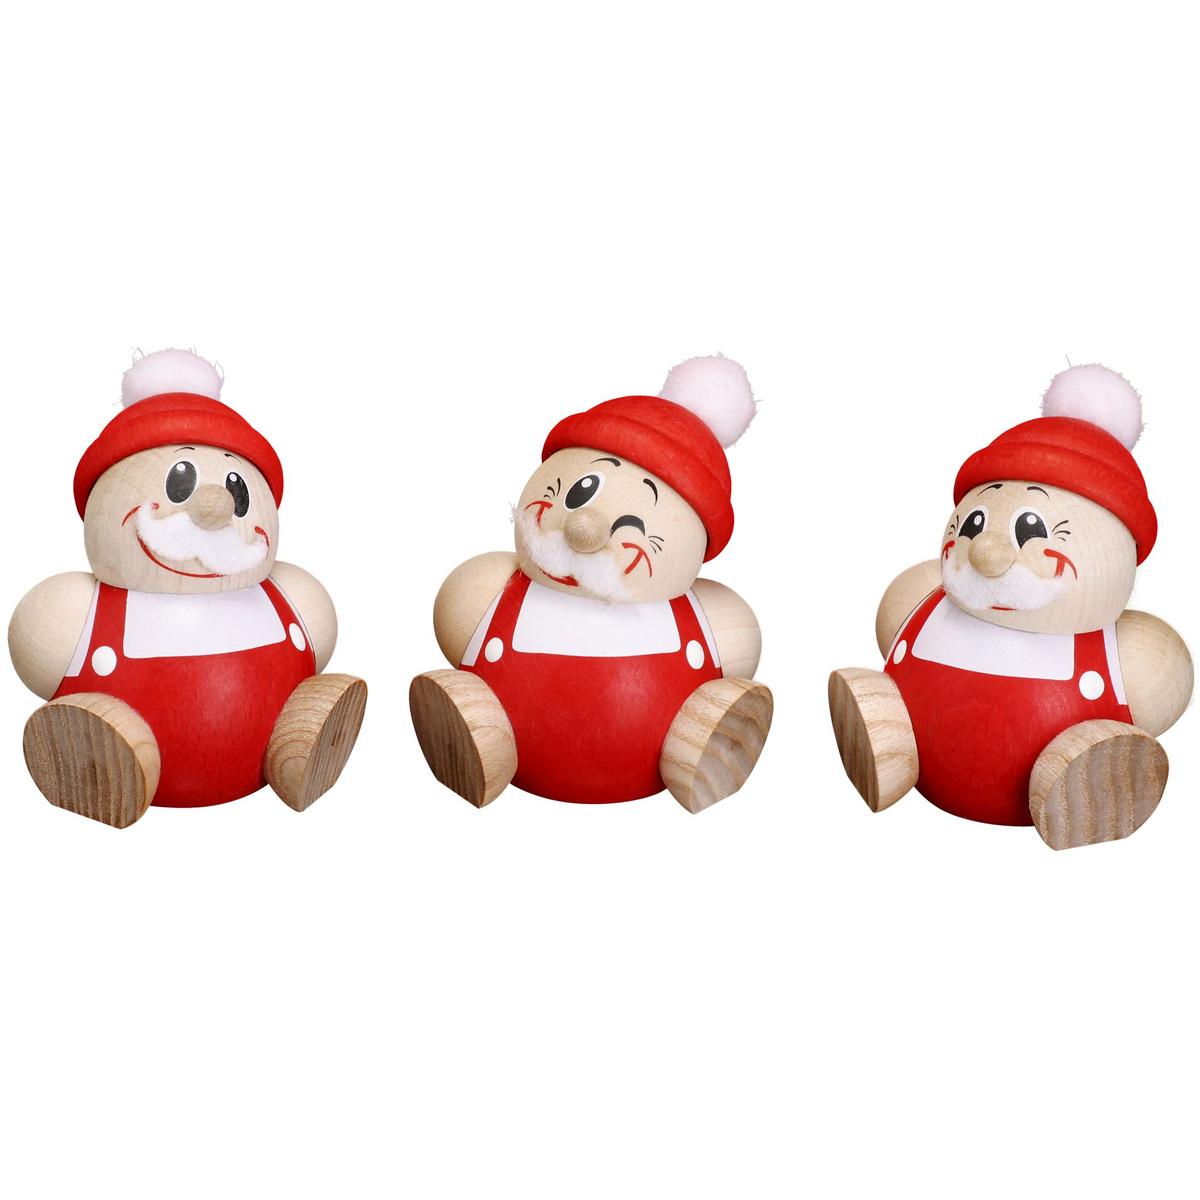 Kugelfigur nikolaus 3er set von seiffener volkskunst f r - Weihnachtsdeko figuren ...